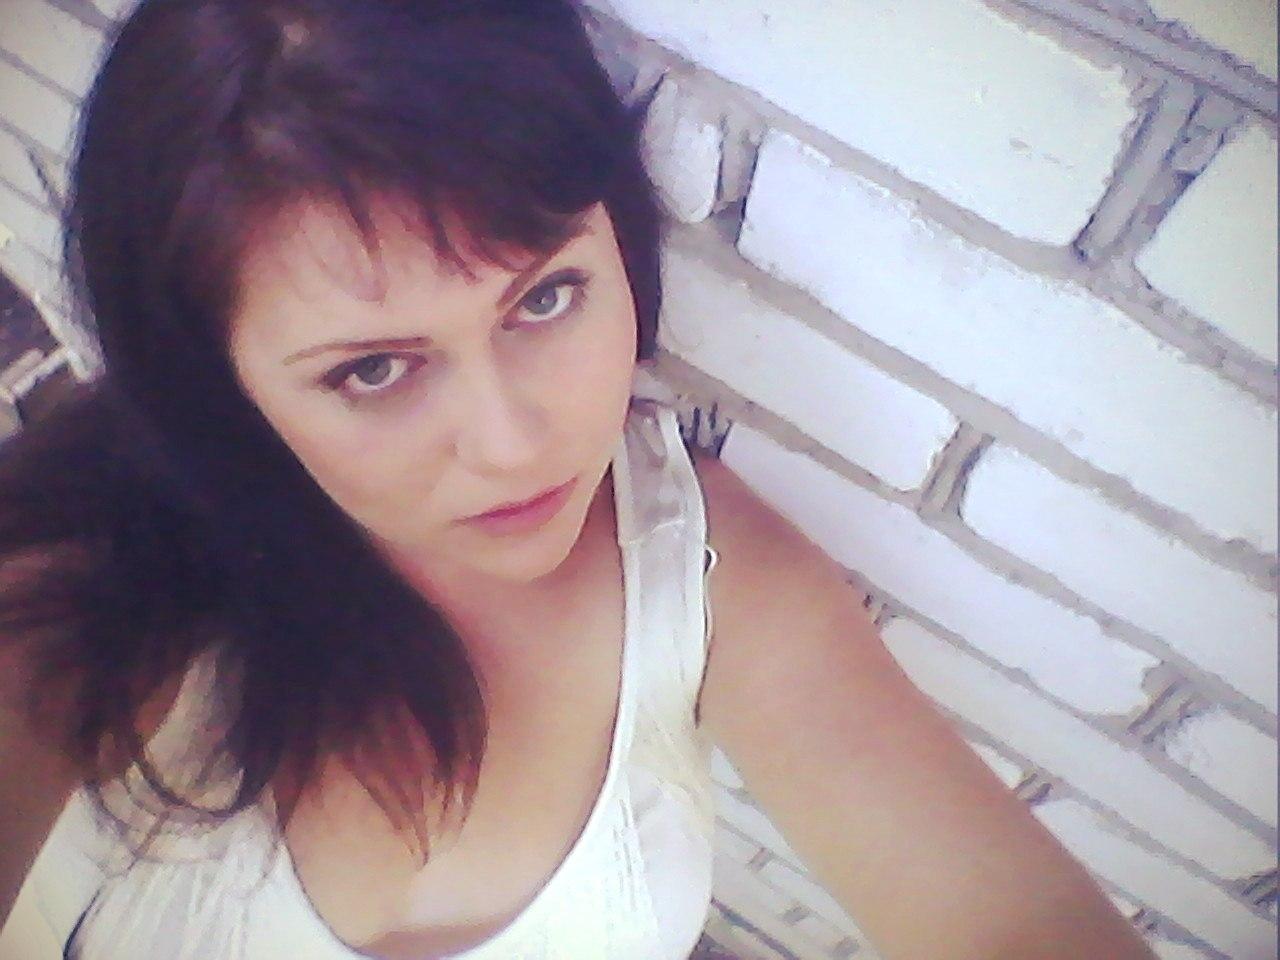 Фото знакомства без регистрации, Женщина познакомится с мужчиной в России 28 фотография